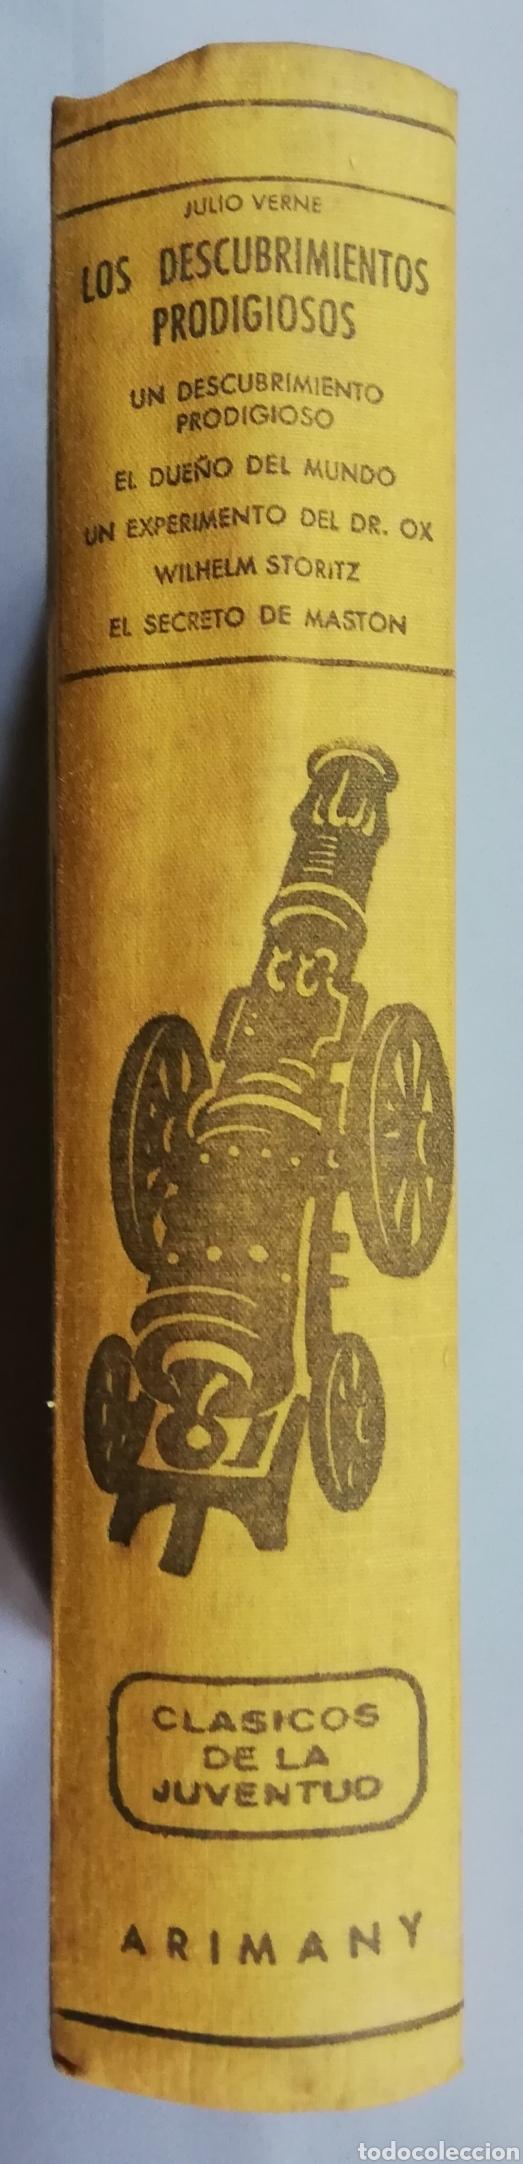 5 NOVELAS DE JULIO VERNE (LOS DESCUBRIMIENTOS PRODIGIOSOS) -1958 - ED. M.ARIMANY - PJRB (Libros de Segunda Mano (posteriores a 1936) - Literatura - Narrativa - Clásicos)